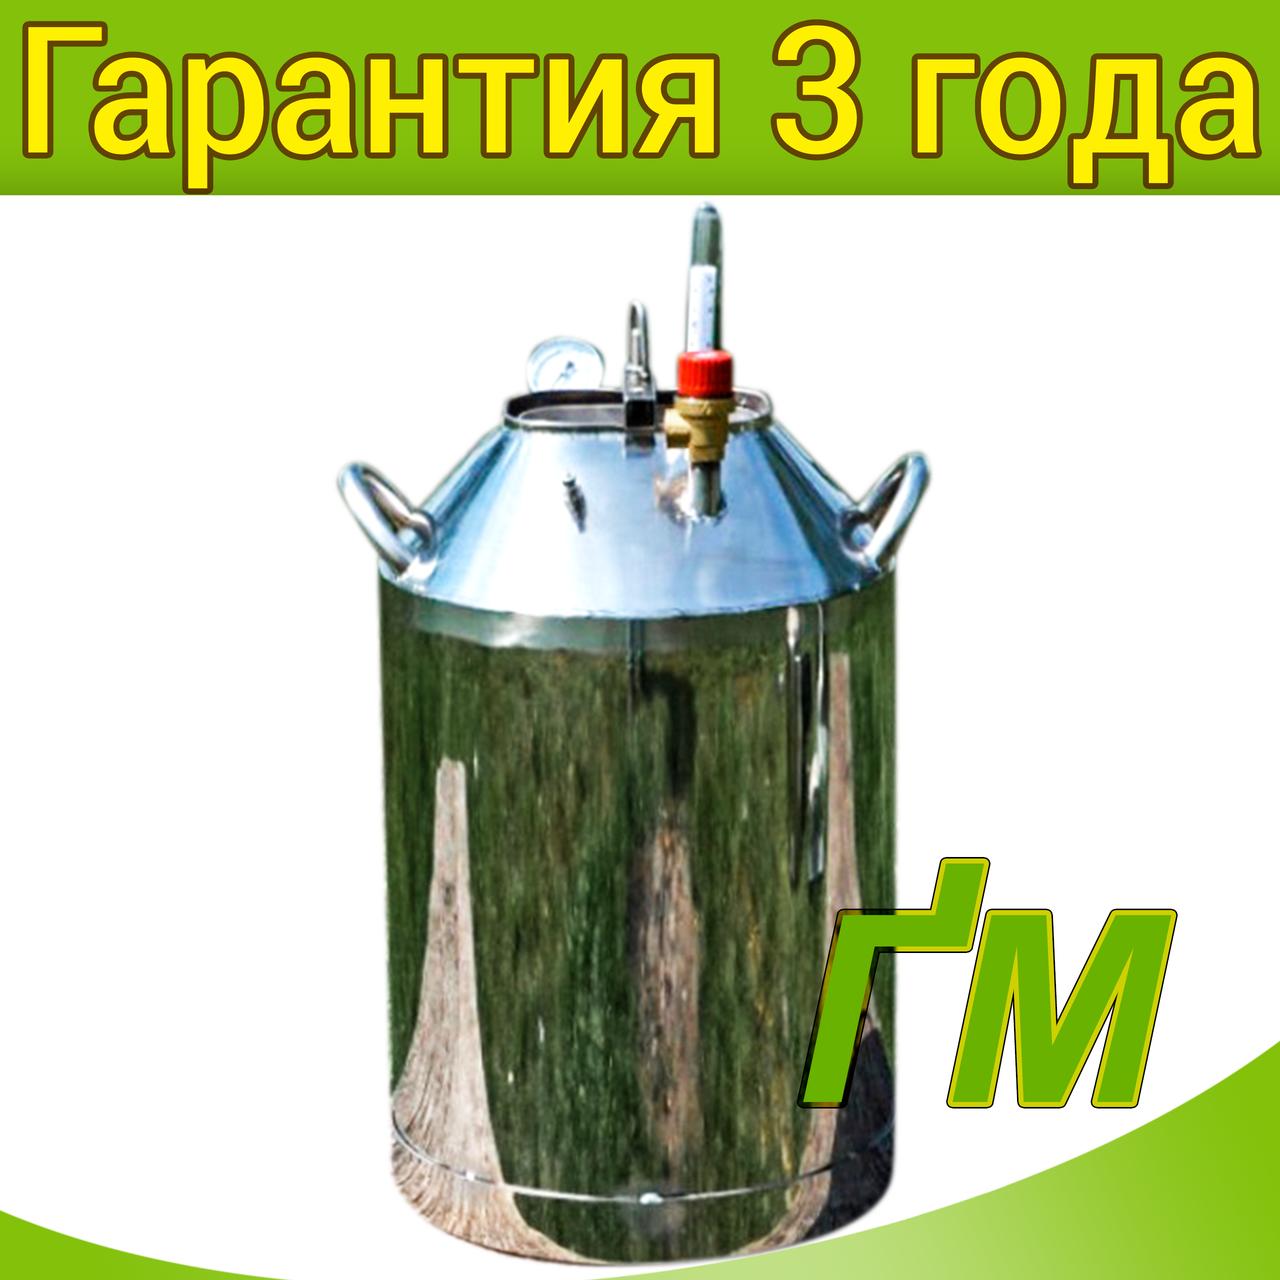 Автоклав Мега-40 (нержавеющая сталь на 40 банок) + подарок